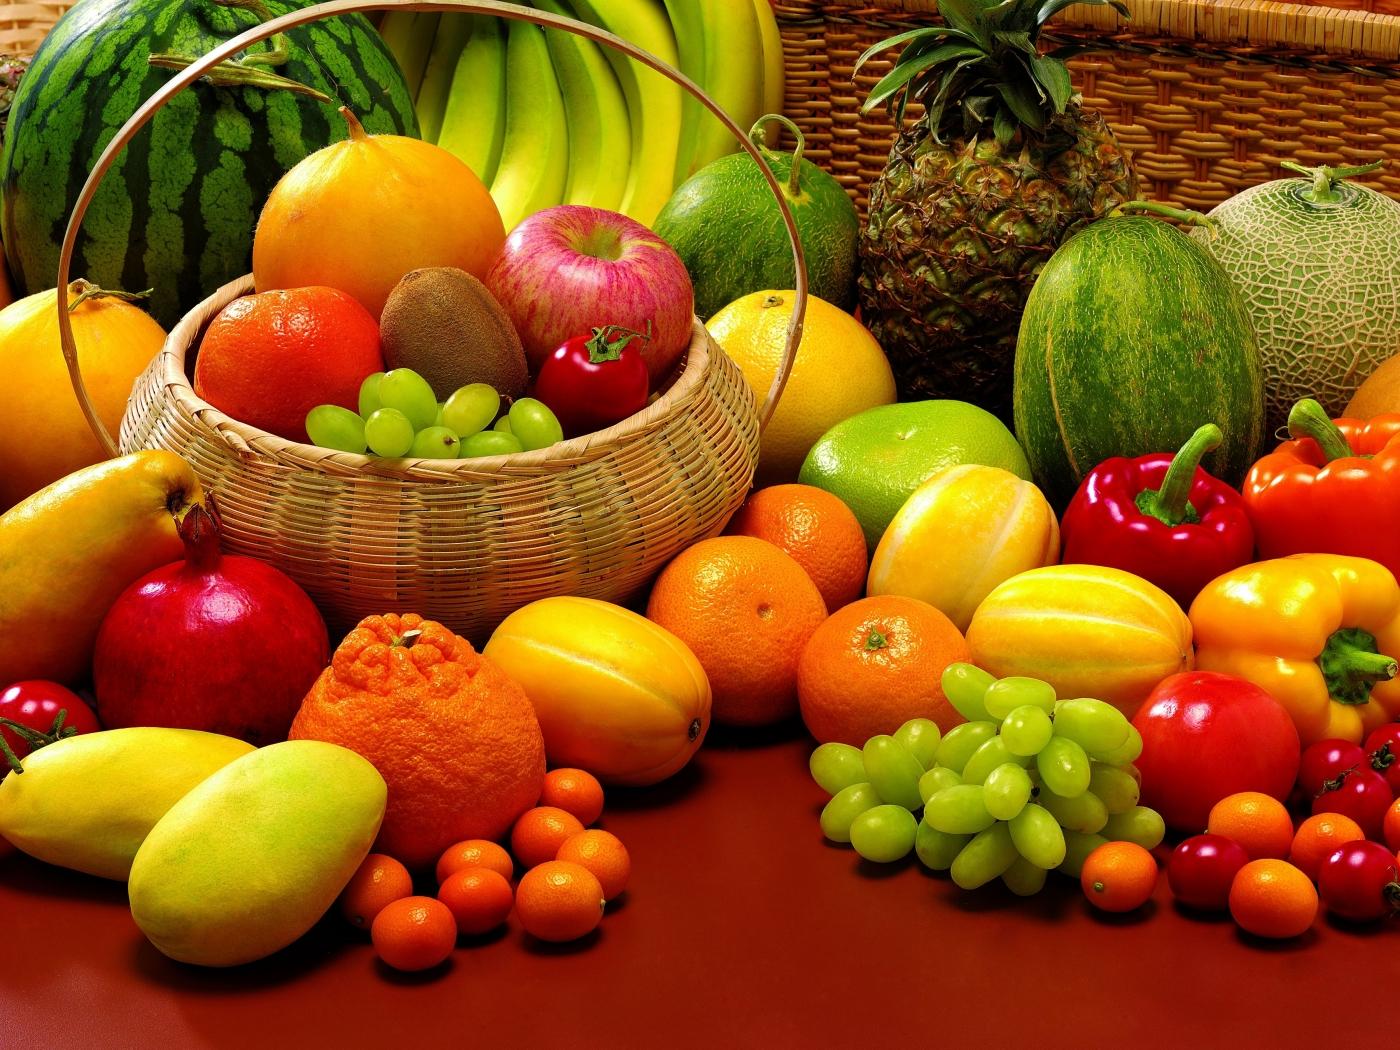 để hoa quả tươi trong tủ lạnh